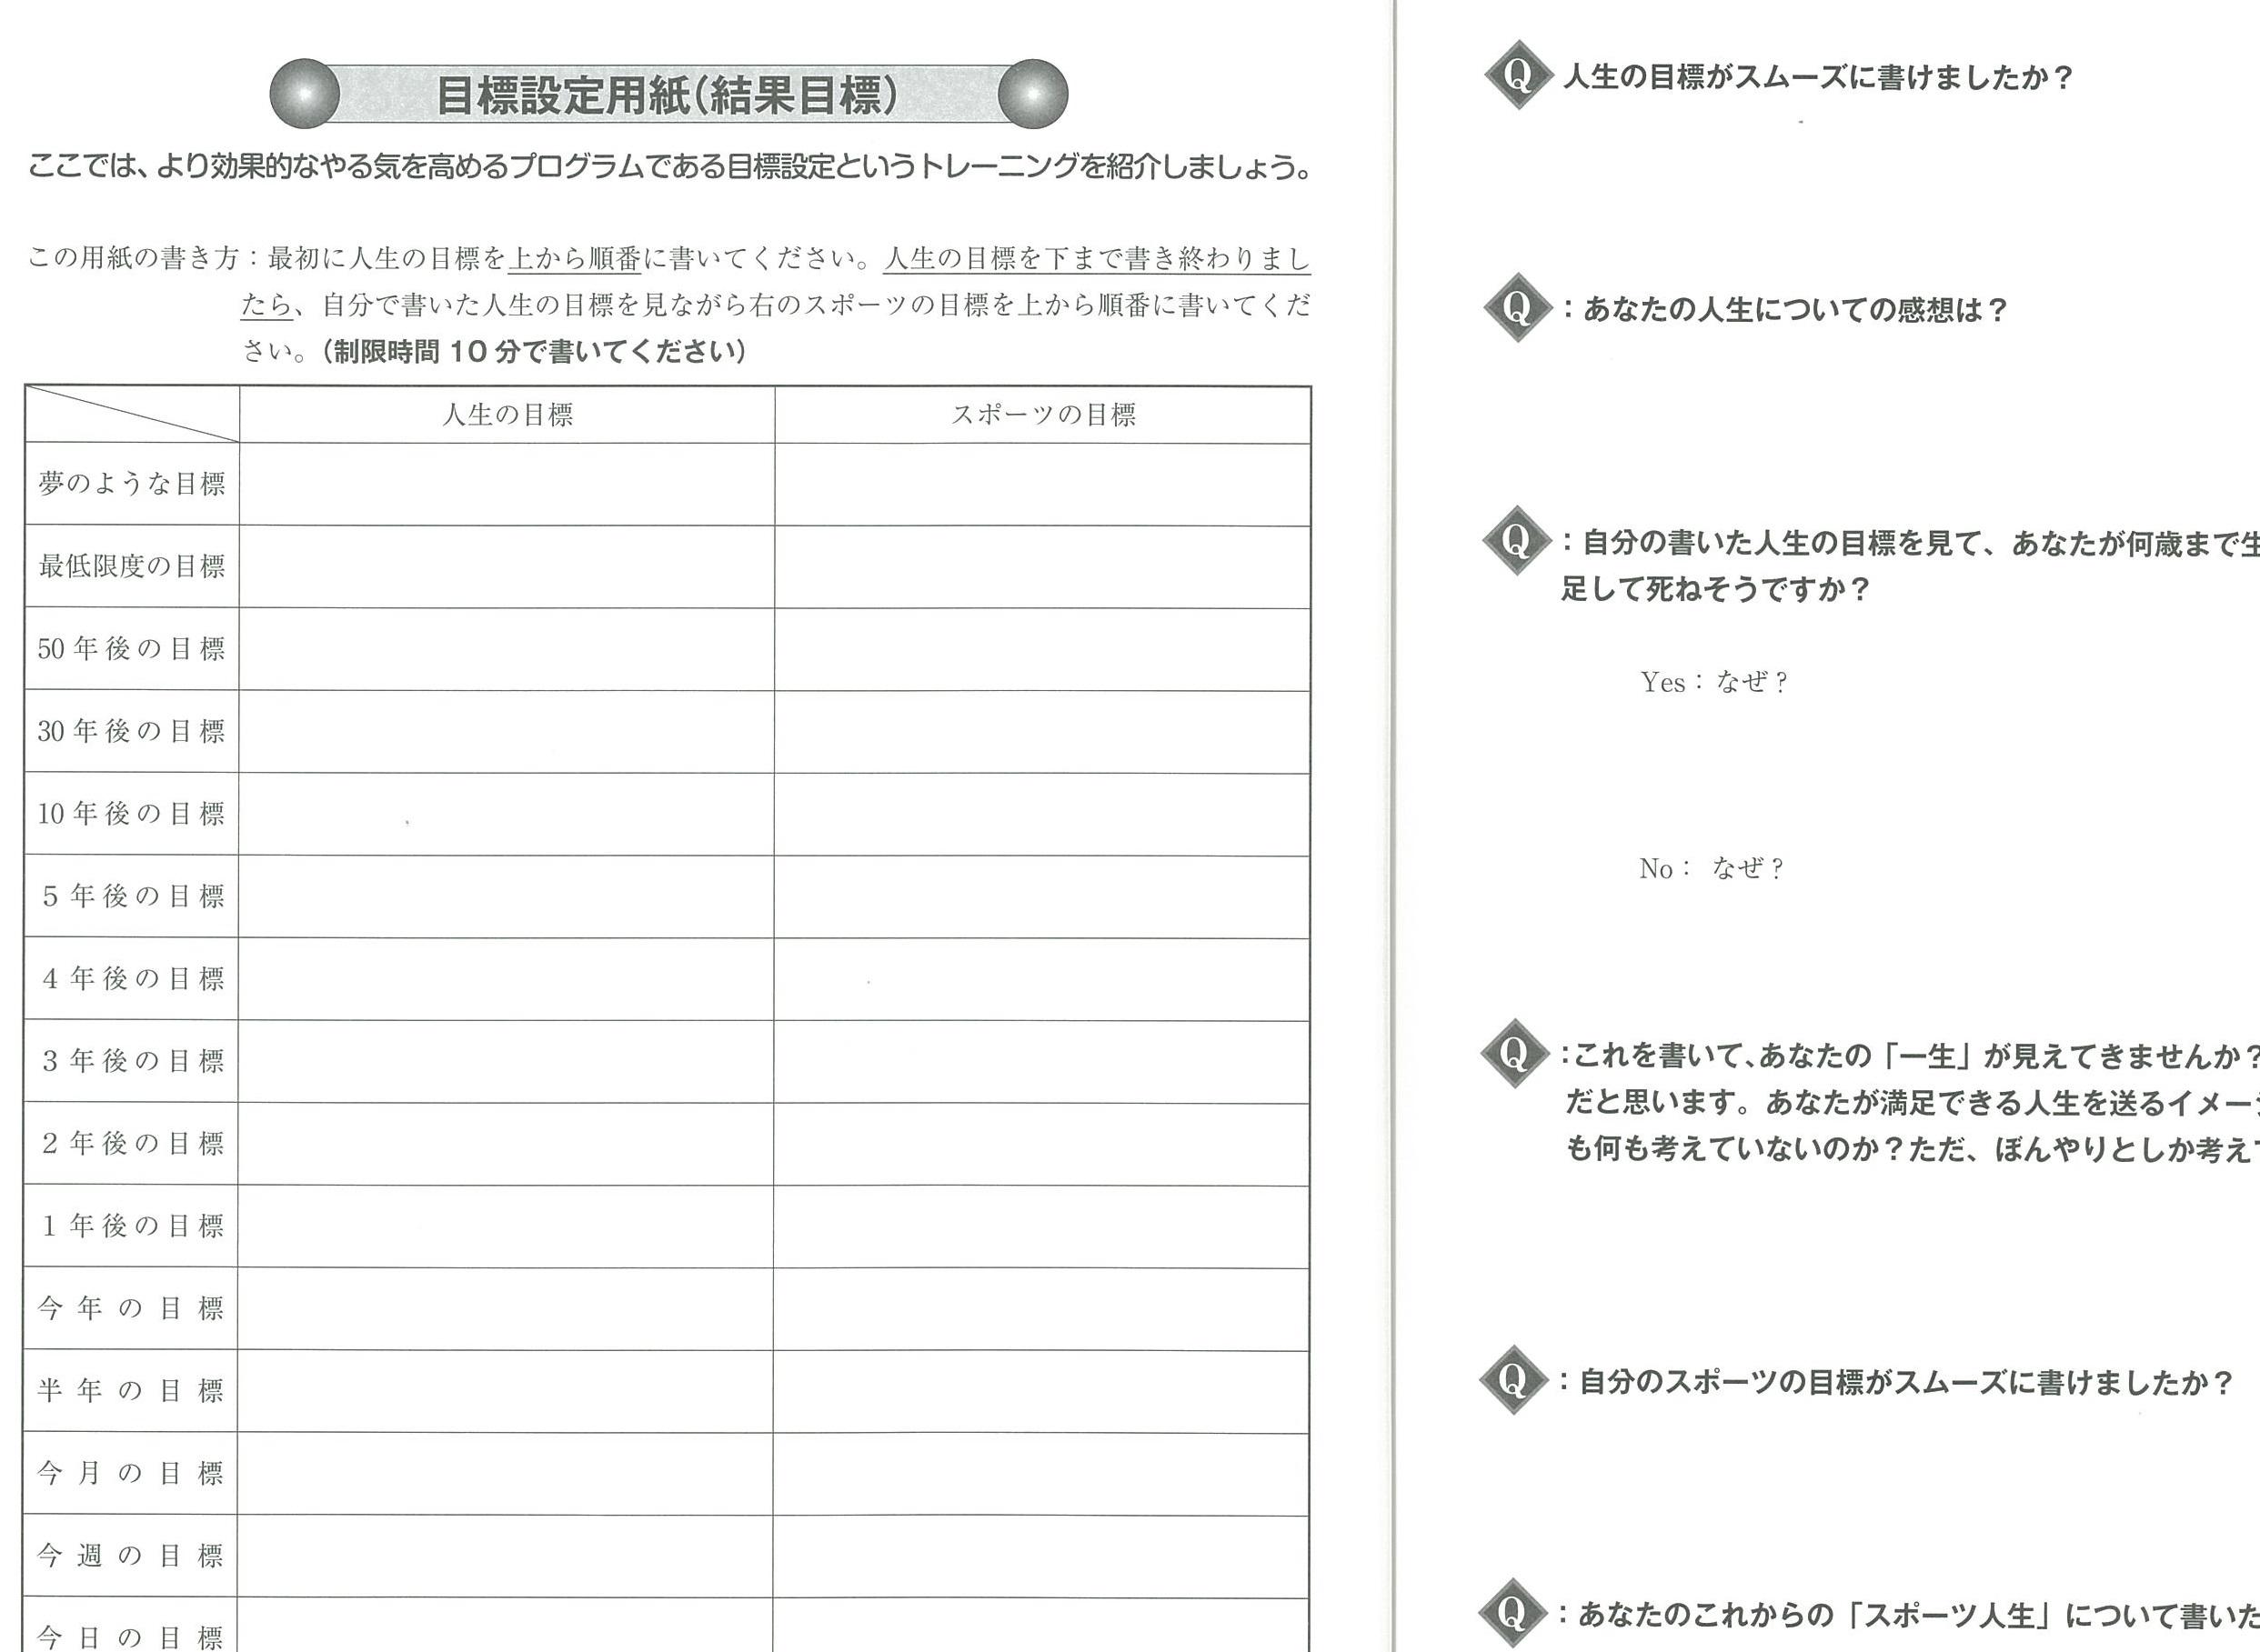 トレーニングワークブック内容(イメージ)